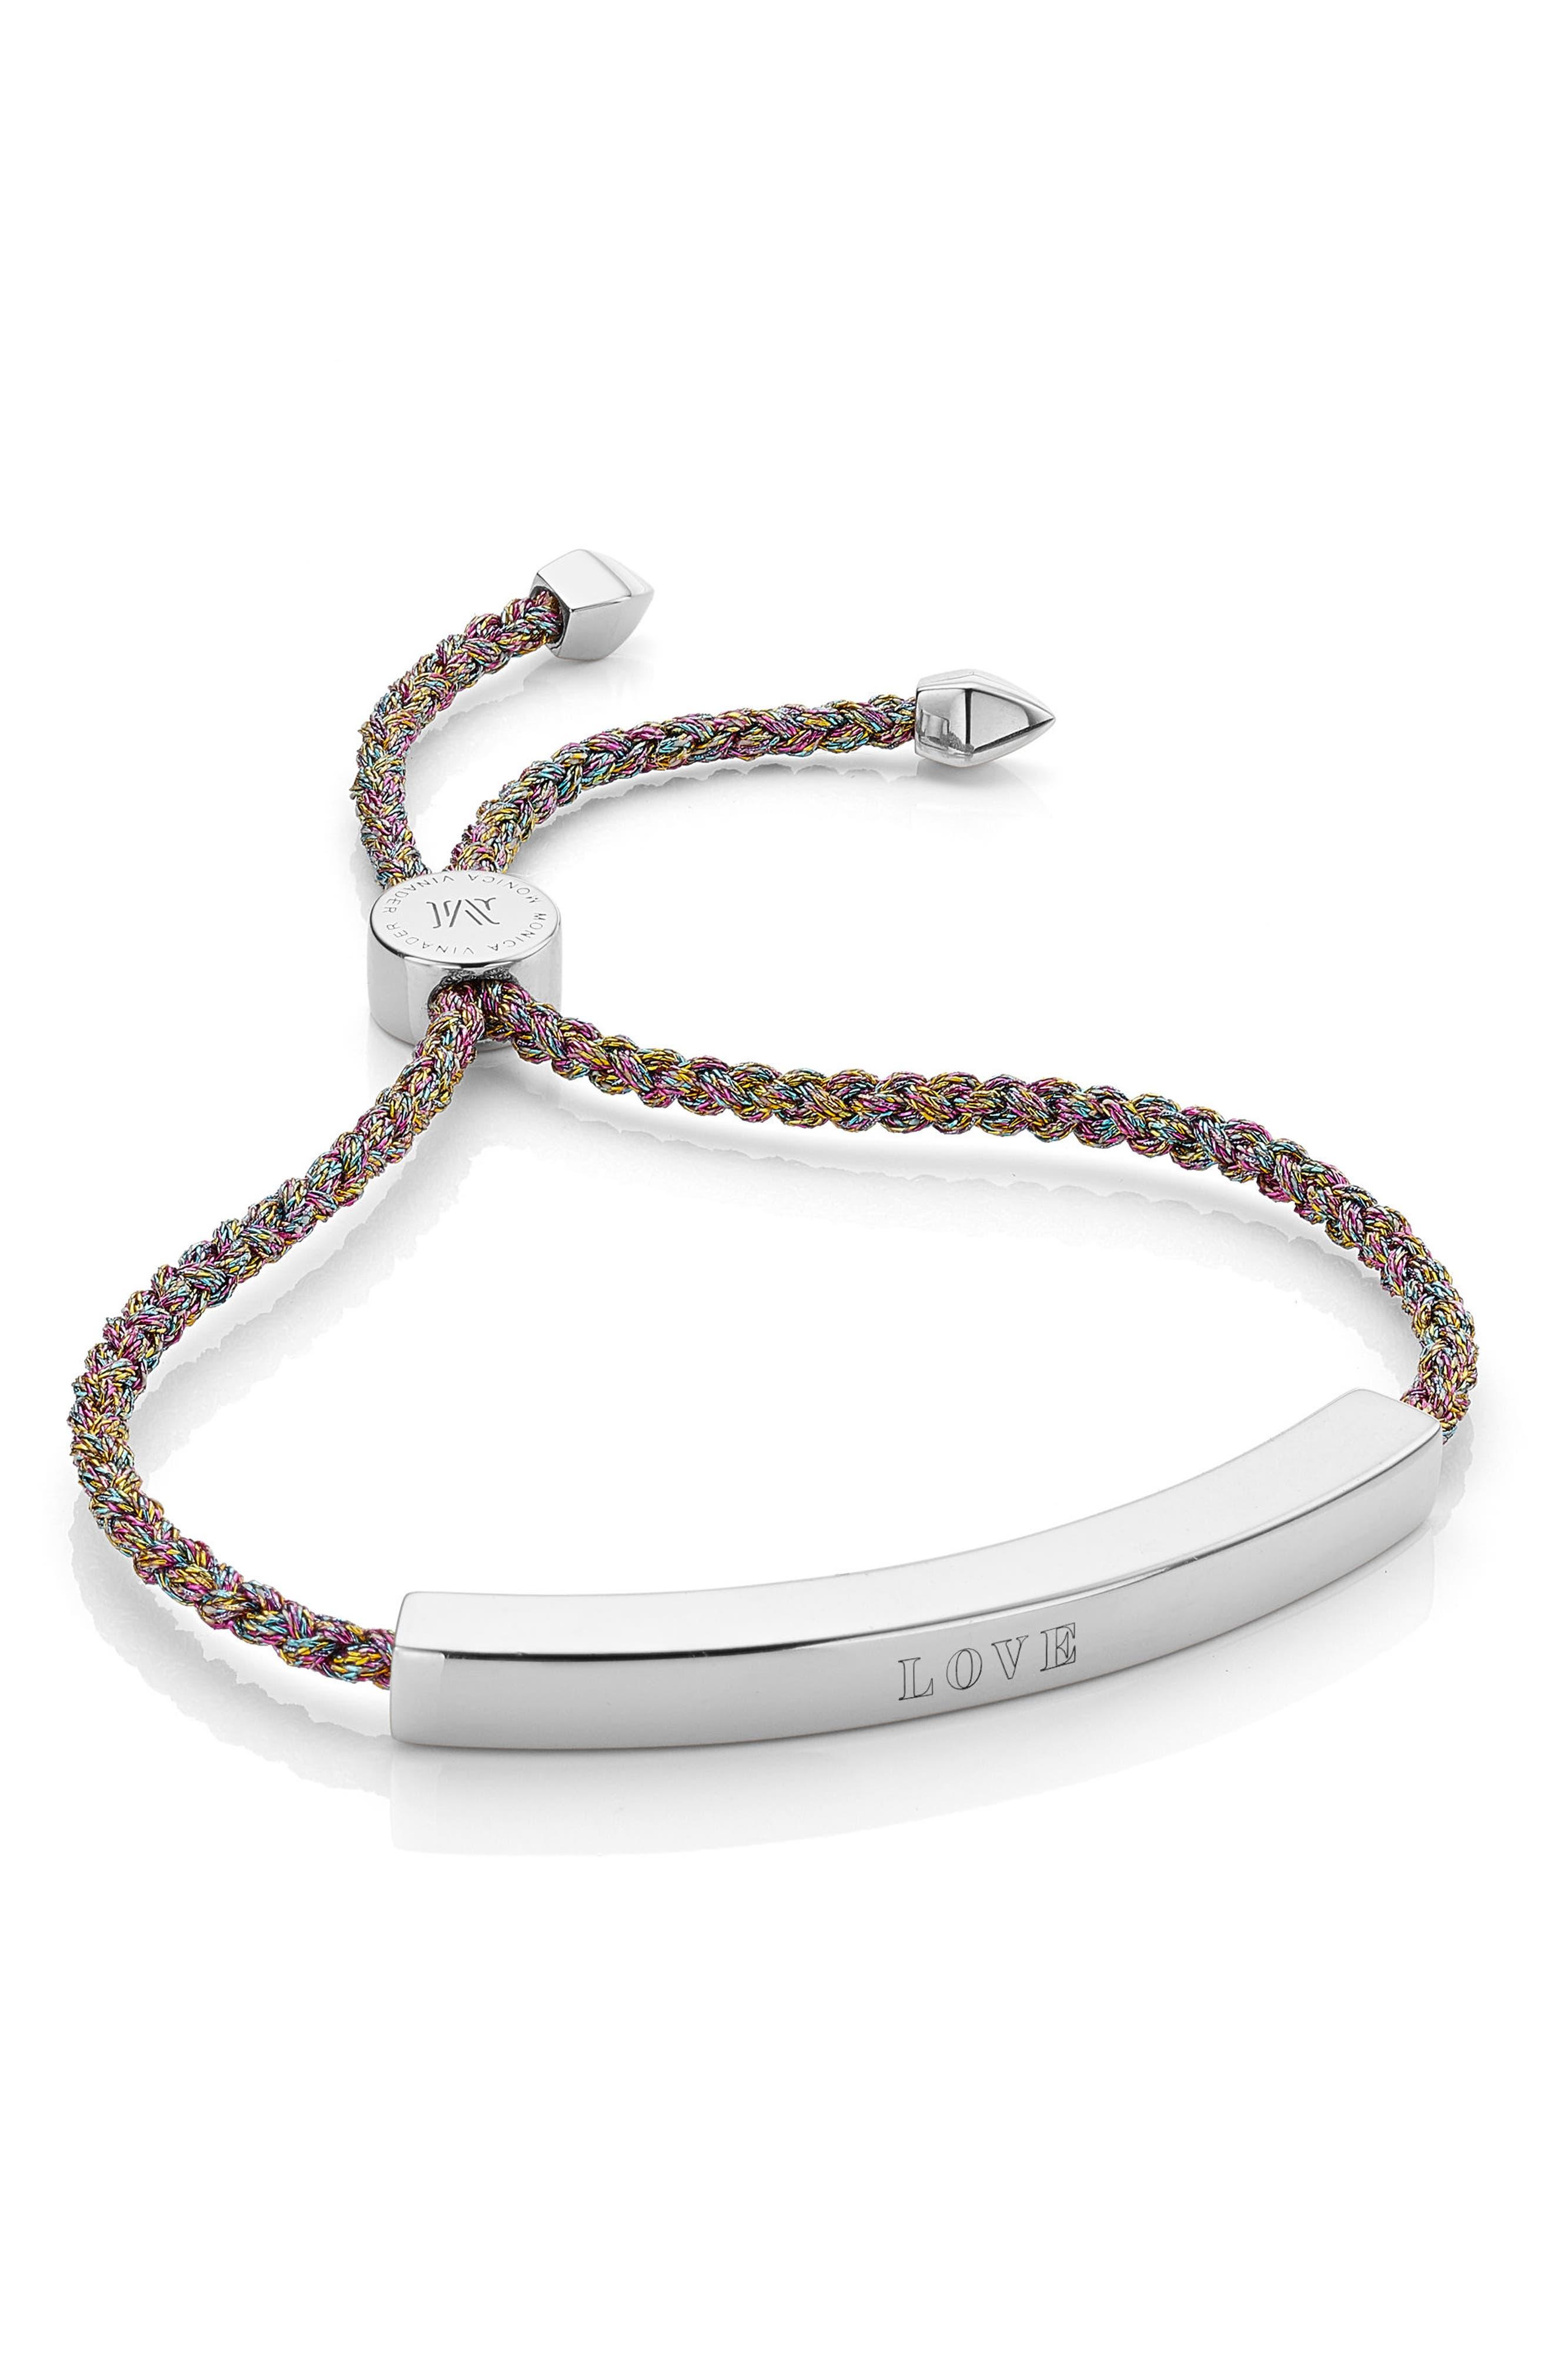 Engravable Large Linear Friendship Bracelet,                             Alternate thumbnail 2, color,                             999